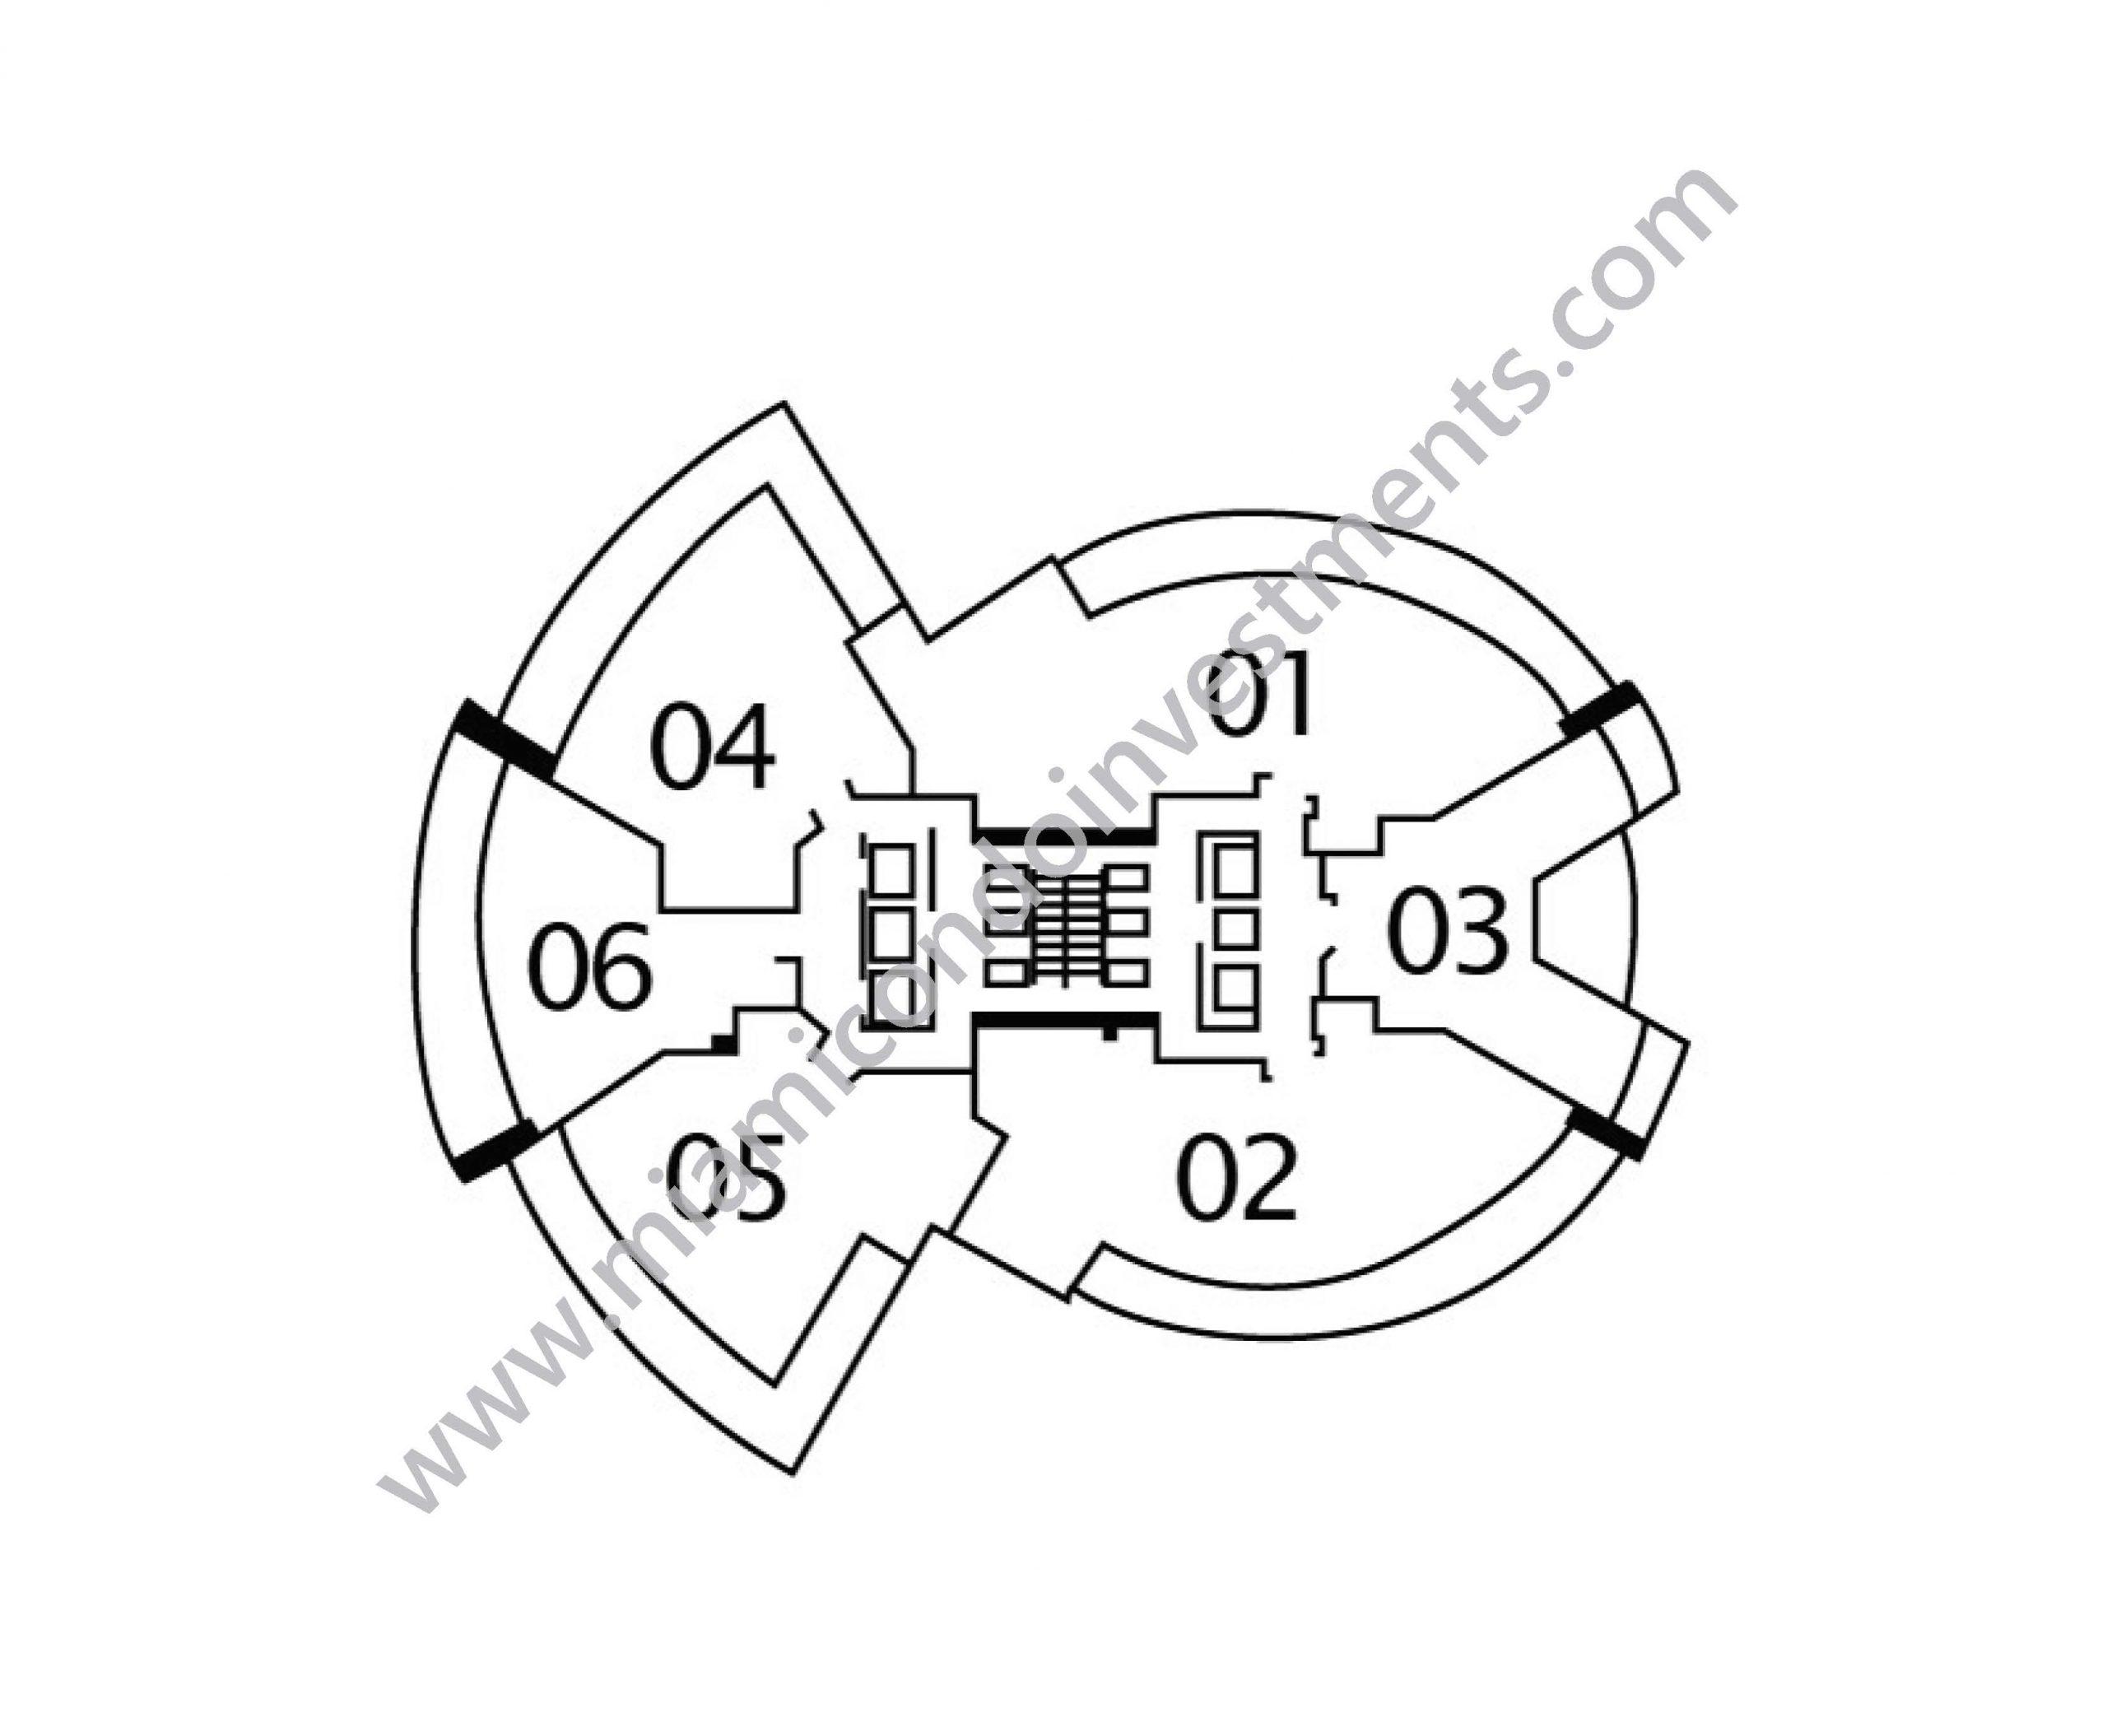 Floorplans 1 - Floors 5 to 19